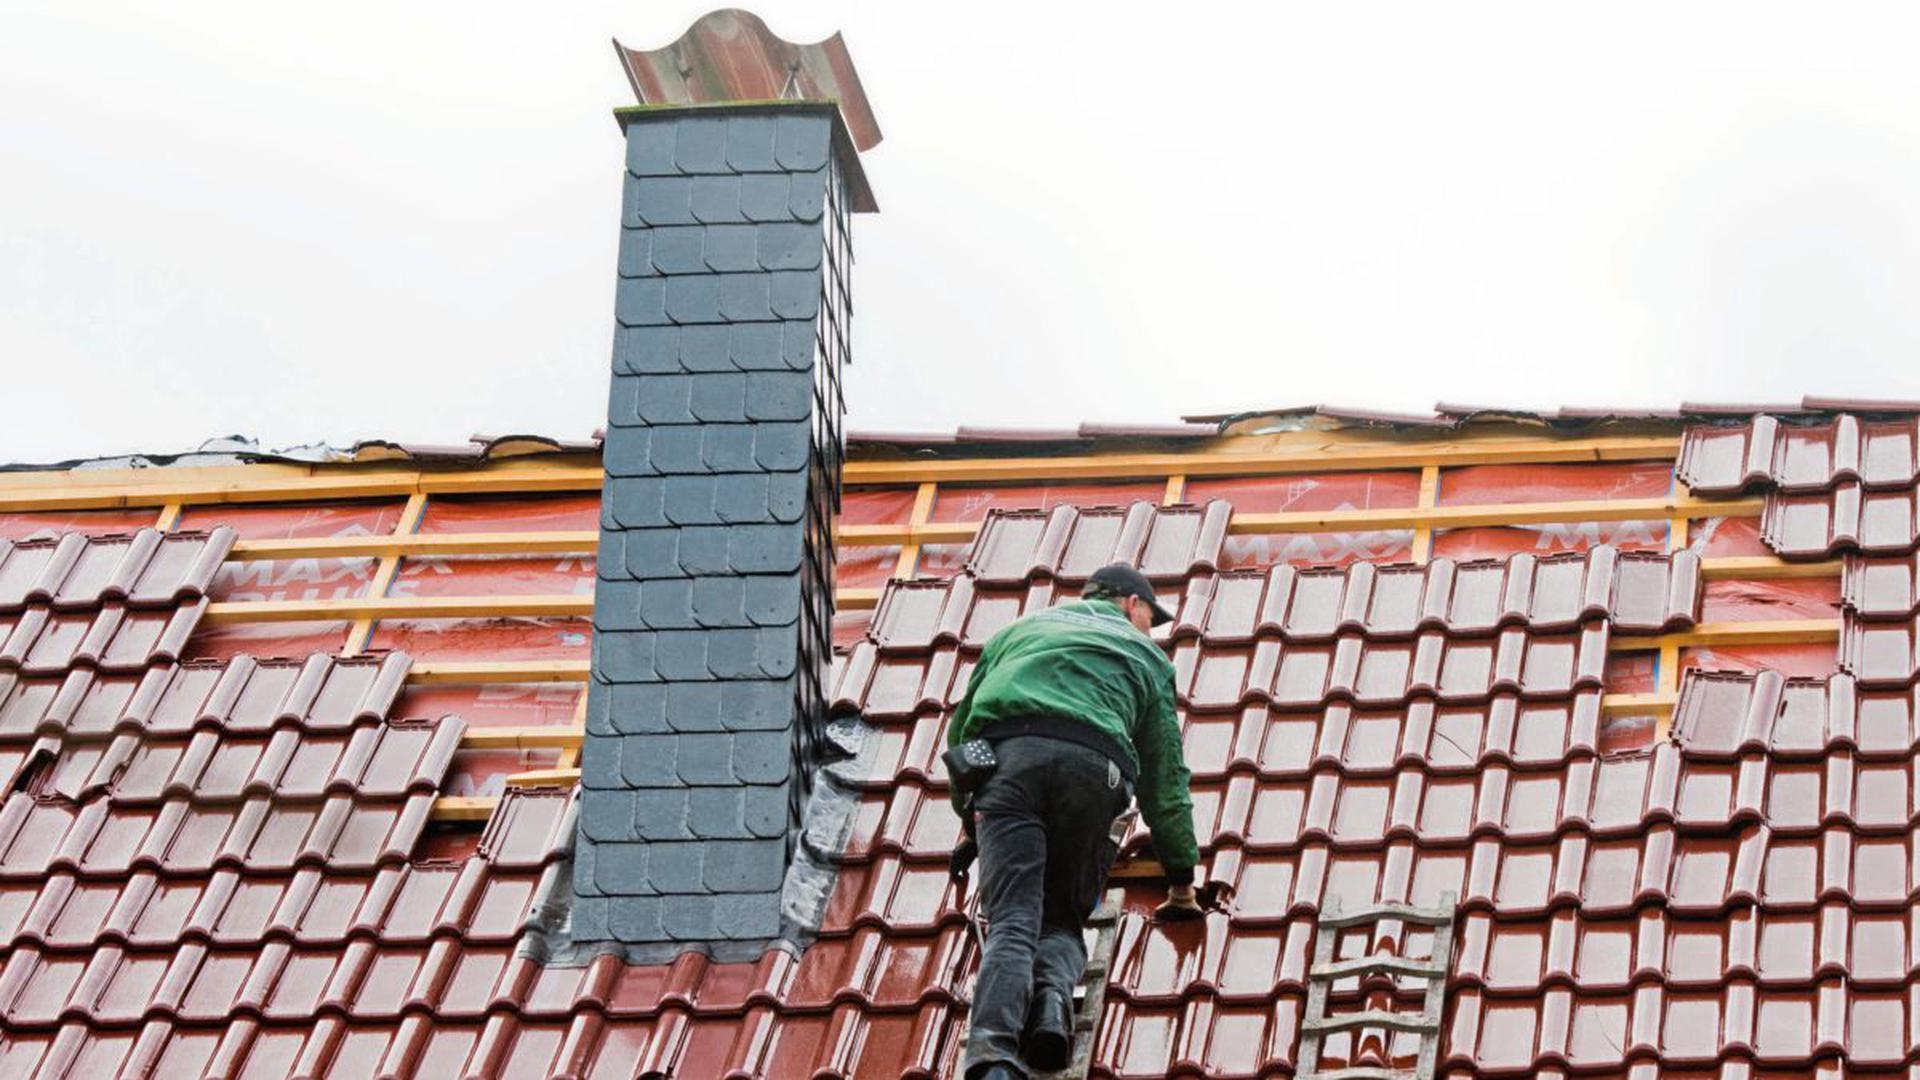 """Abgedeckt und abgezockt: Sogenannte """"Dachhaie"""" täuschen Sturmschäden vor, um Bürgern teure Reparaturleistungen aufzuzwingen. Die Verbraucherzentrale warnt, sich bei solchen """"Haustürgeschäften"""" nicht unter Druck setzen zu lassen. (Symbolbild)"""